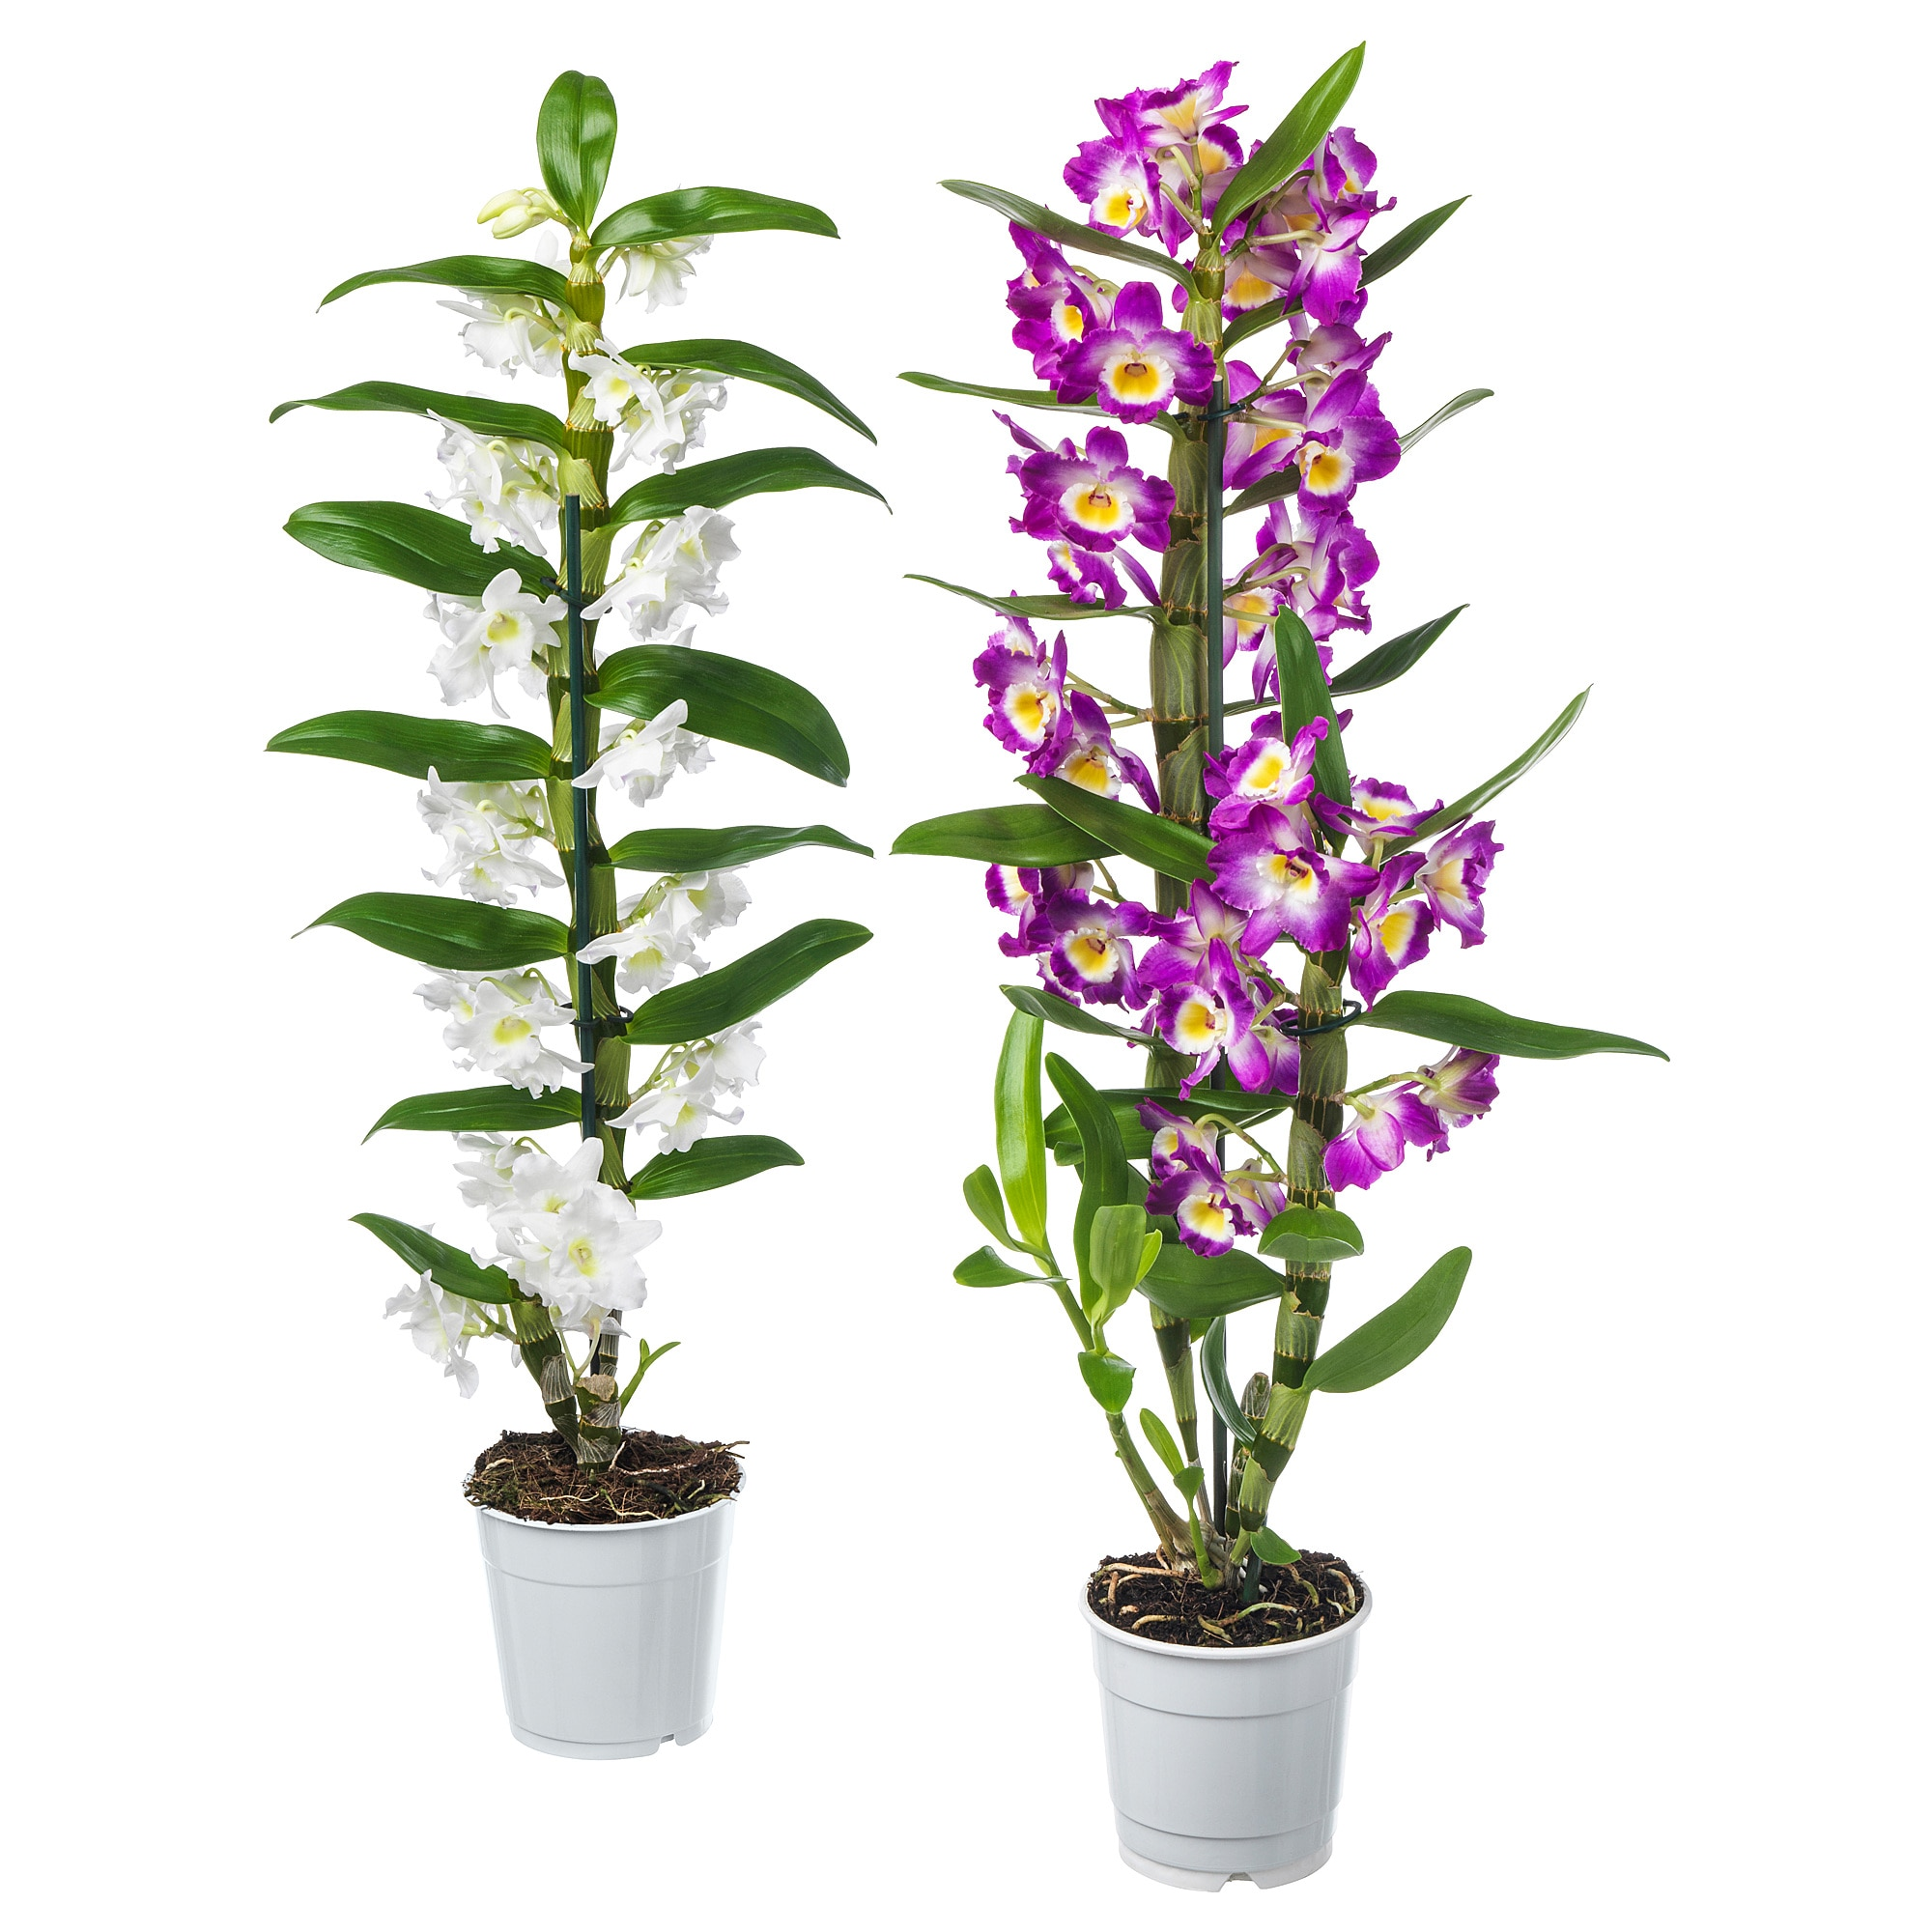 Растение в горшке ОРХИДЕЯ артикуль № 803.719.21 в наличии. Интернет каталог IKEA РБ. Недорогая доставка и монтаж.